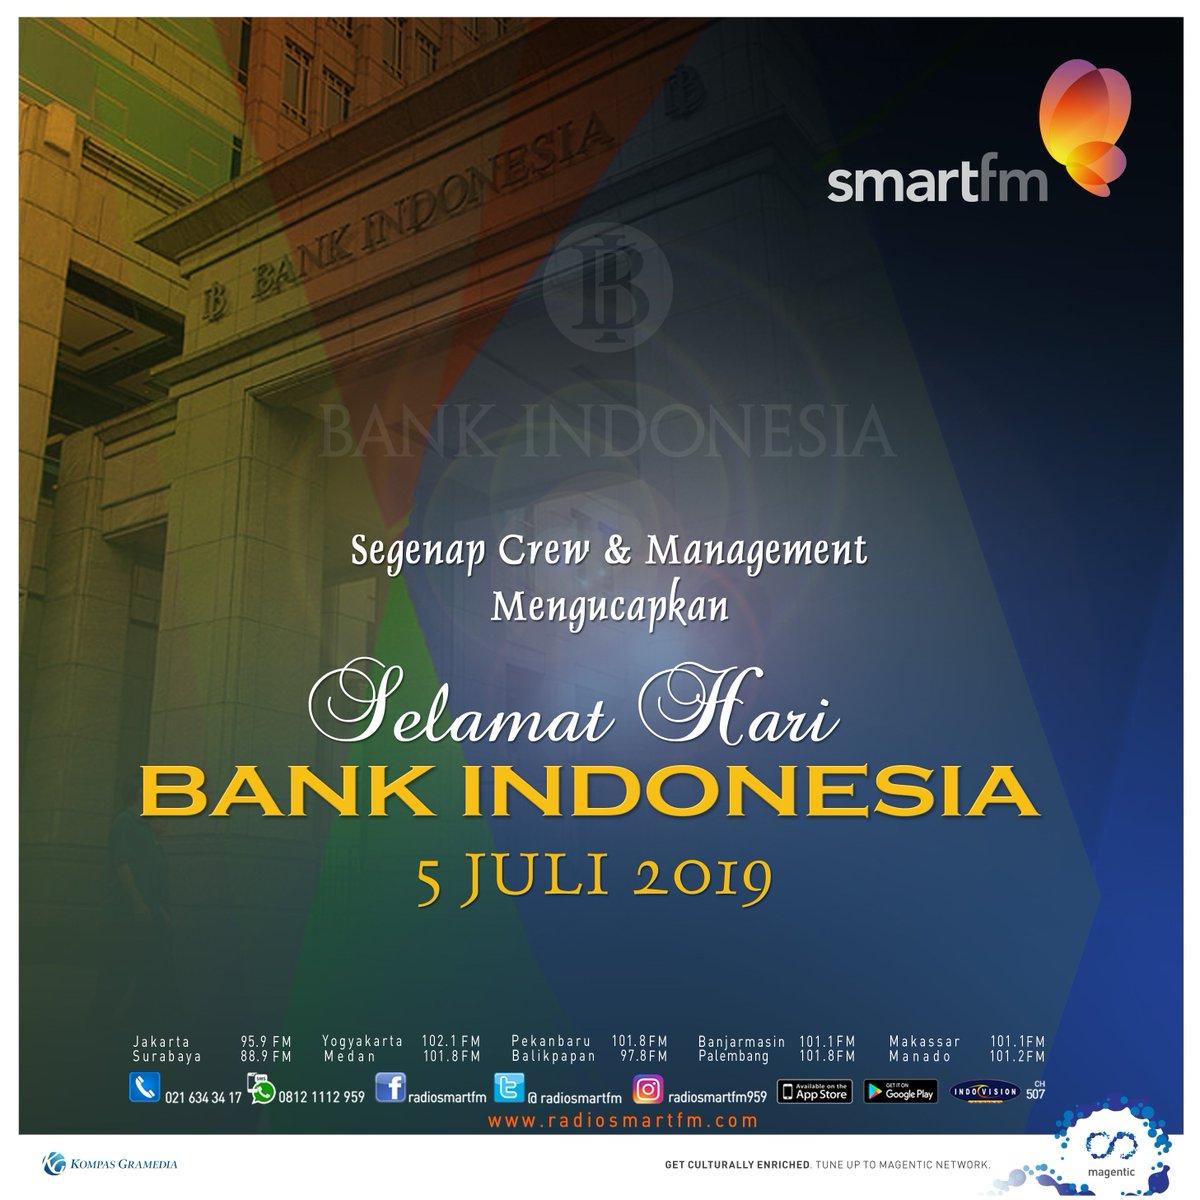 Selamat Hari Bank Indonesia, 05 Juli 2019! • Semangat menjaga stabilitas ekonomi Indonesia!  #haribankindonesia #bankindonesia #smartfm959 #kompasgramediagroup https://t.co/82jx4Yxi2j